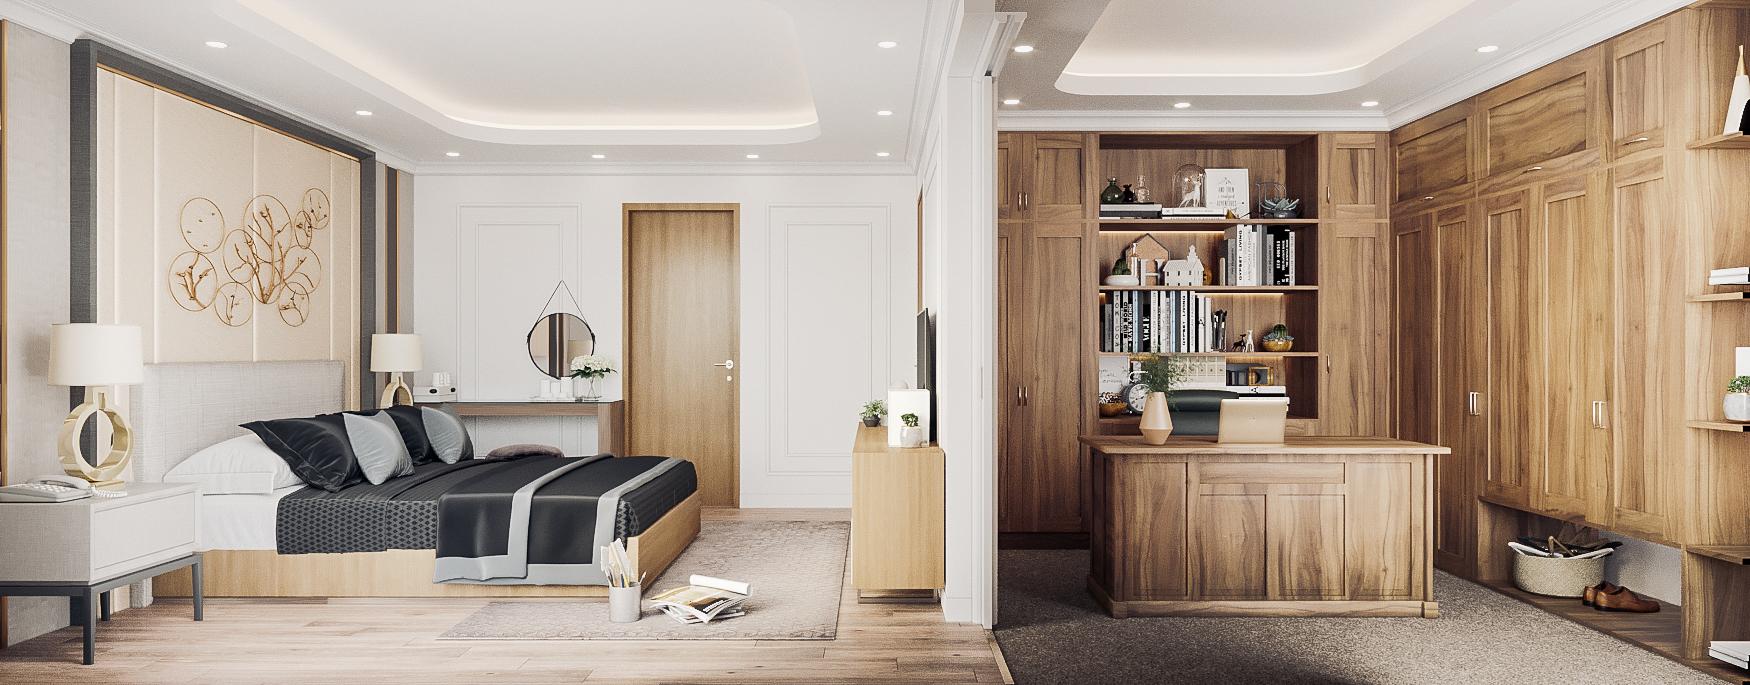 thiết kế nội thất chung cư tại Đà Nẵng Phòng ngủ master 1 1555242082